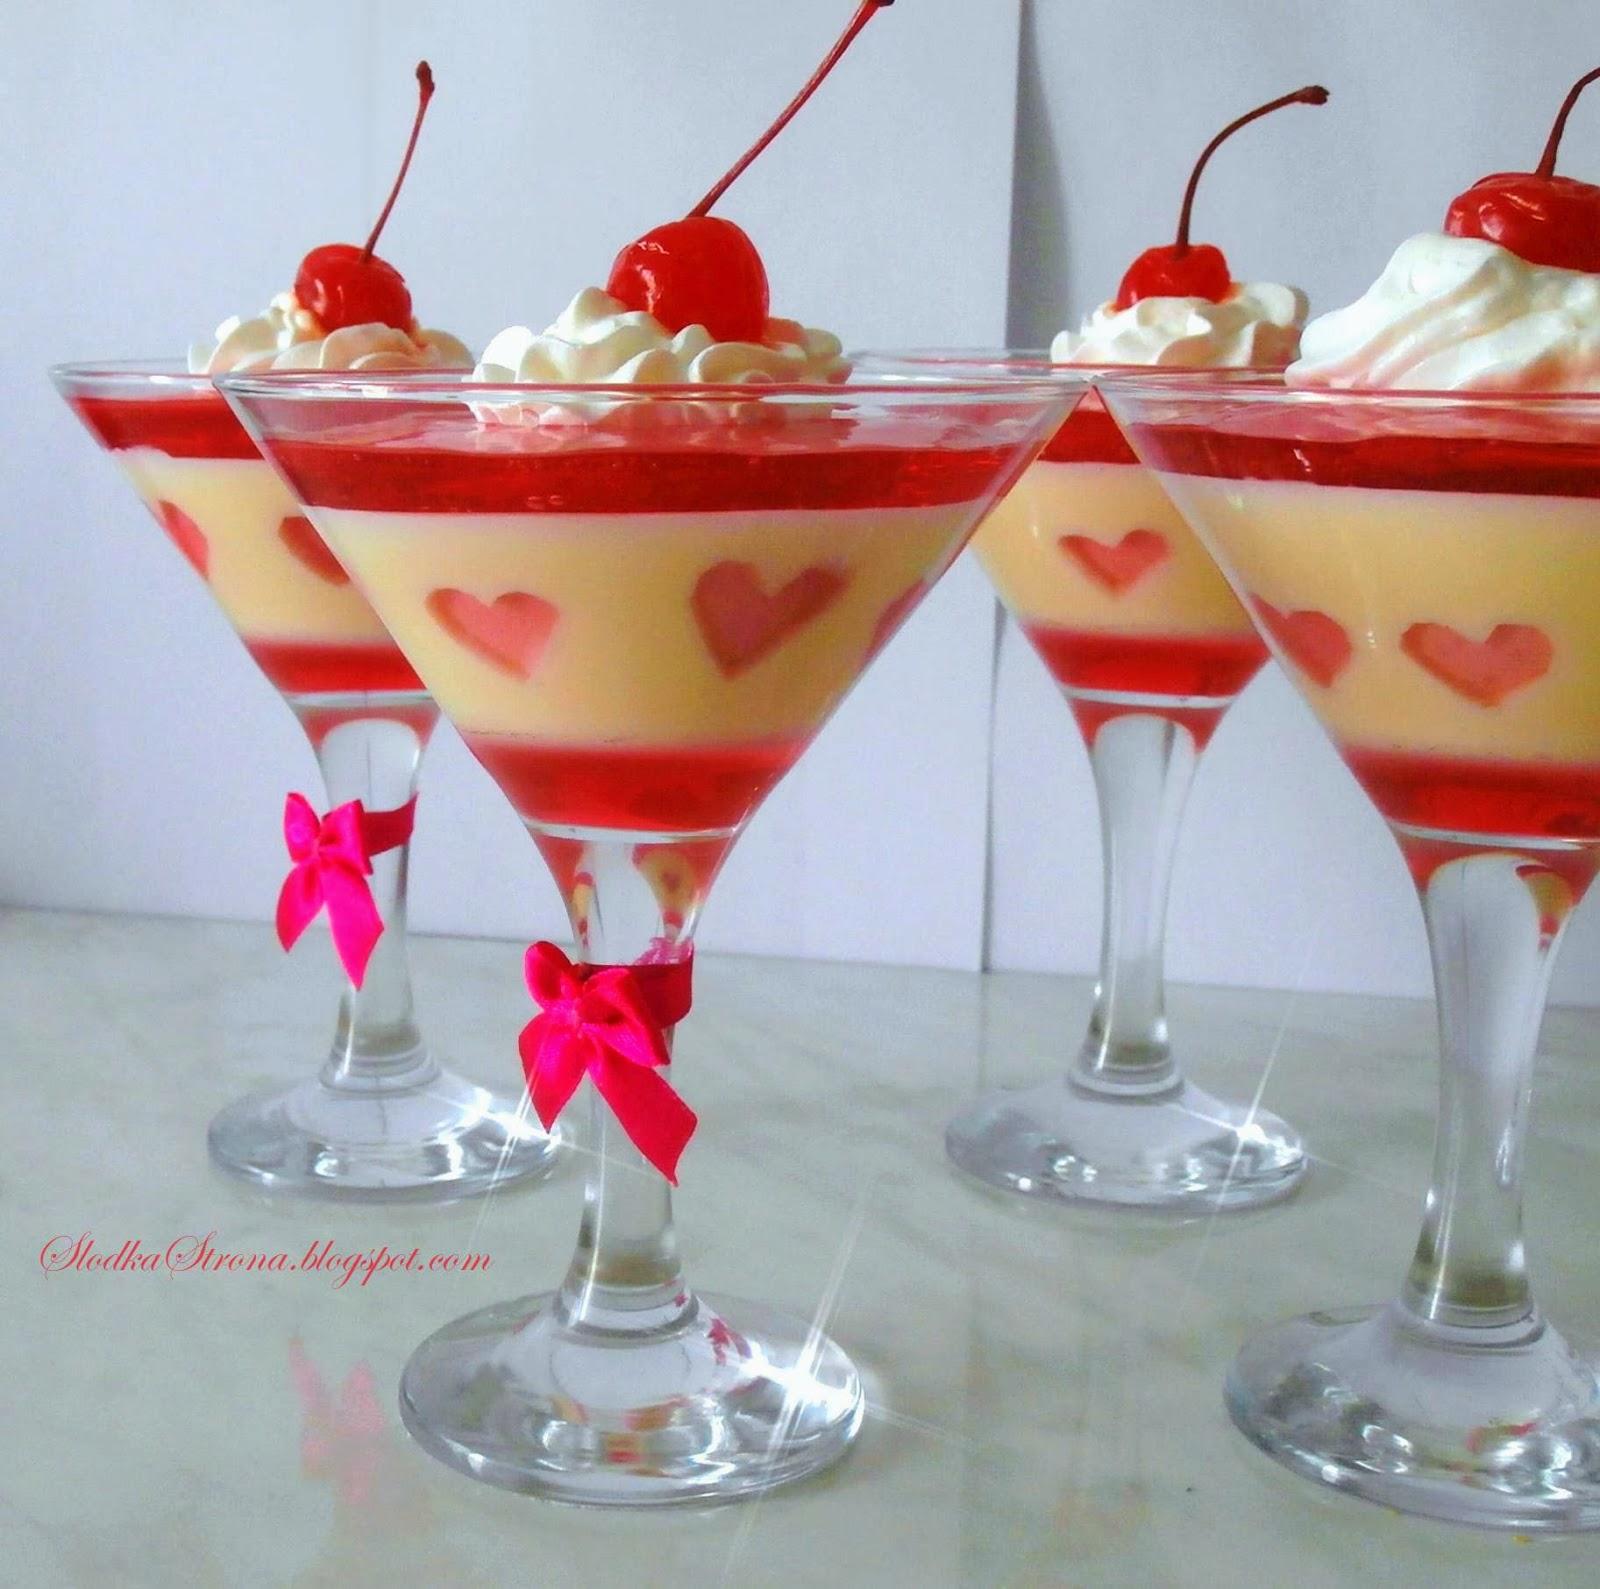 Deser z Mlekiem Skondensowanym na Walentynki - Przepis - Słodka Strona